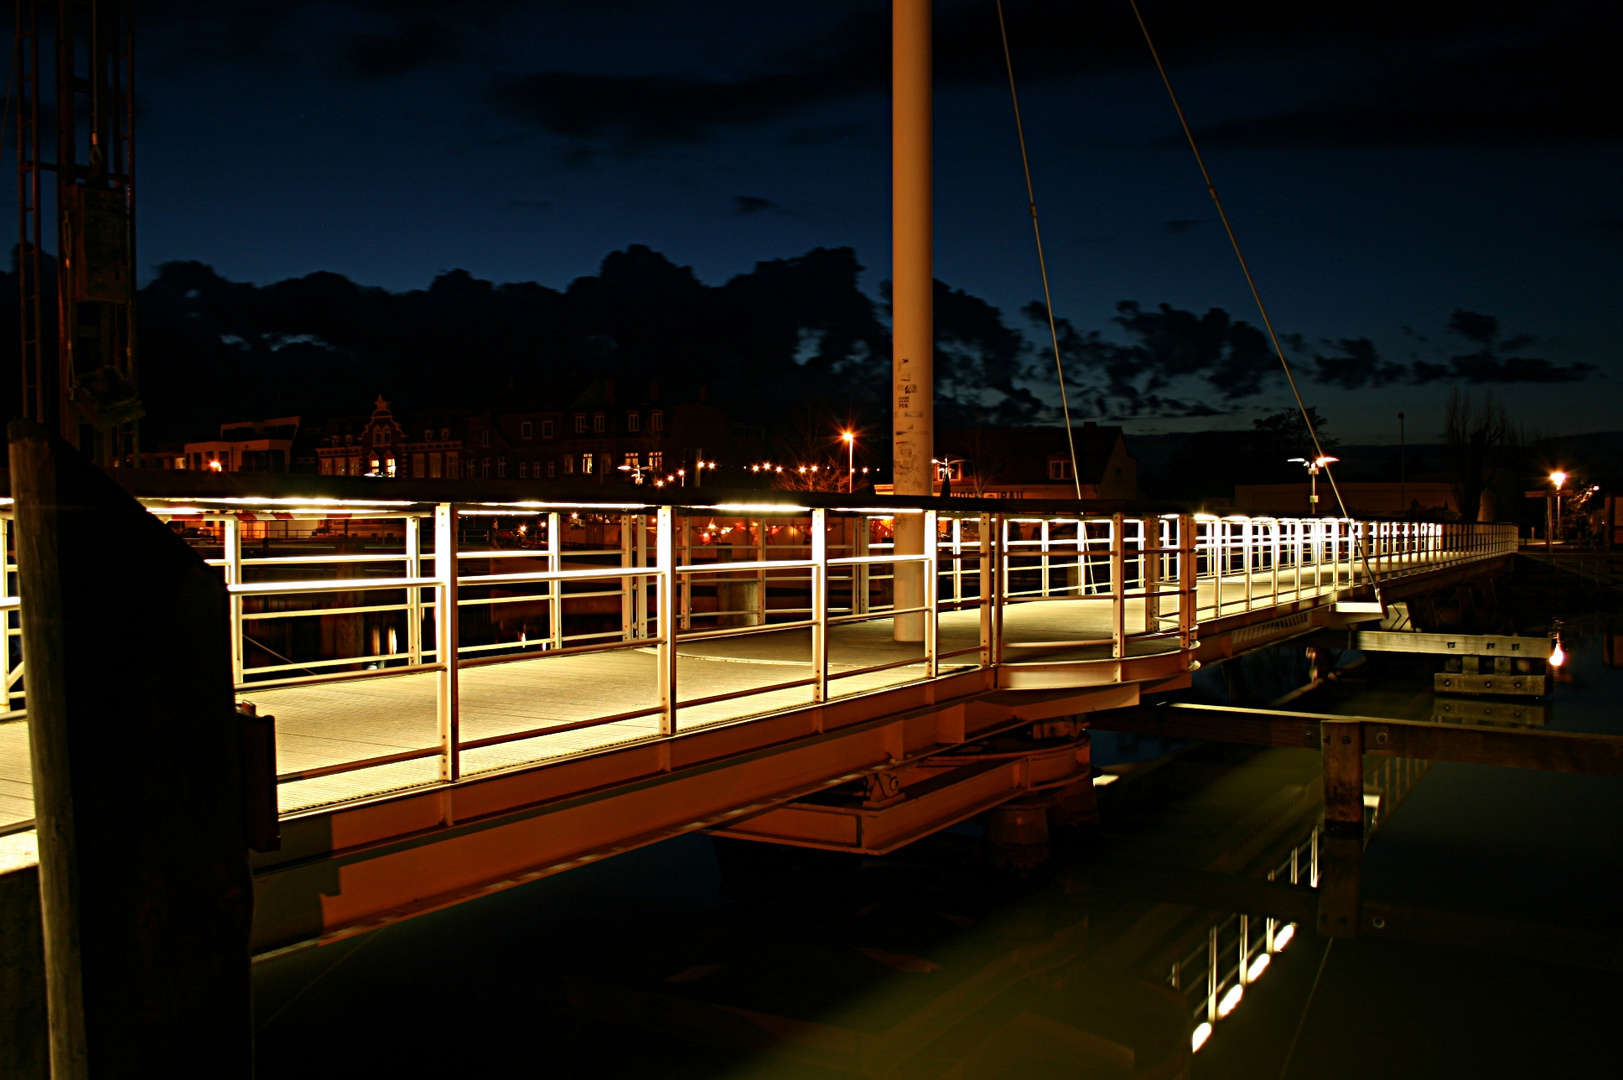 Brücke bei Nacht im Hafen von Greifswald